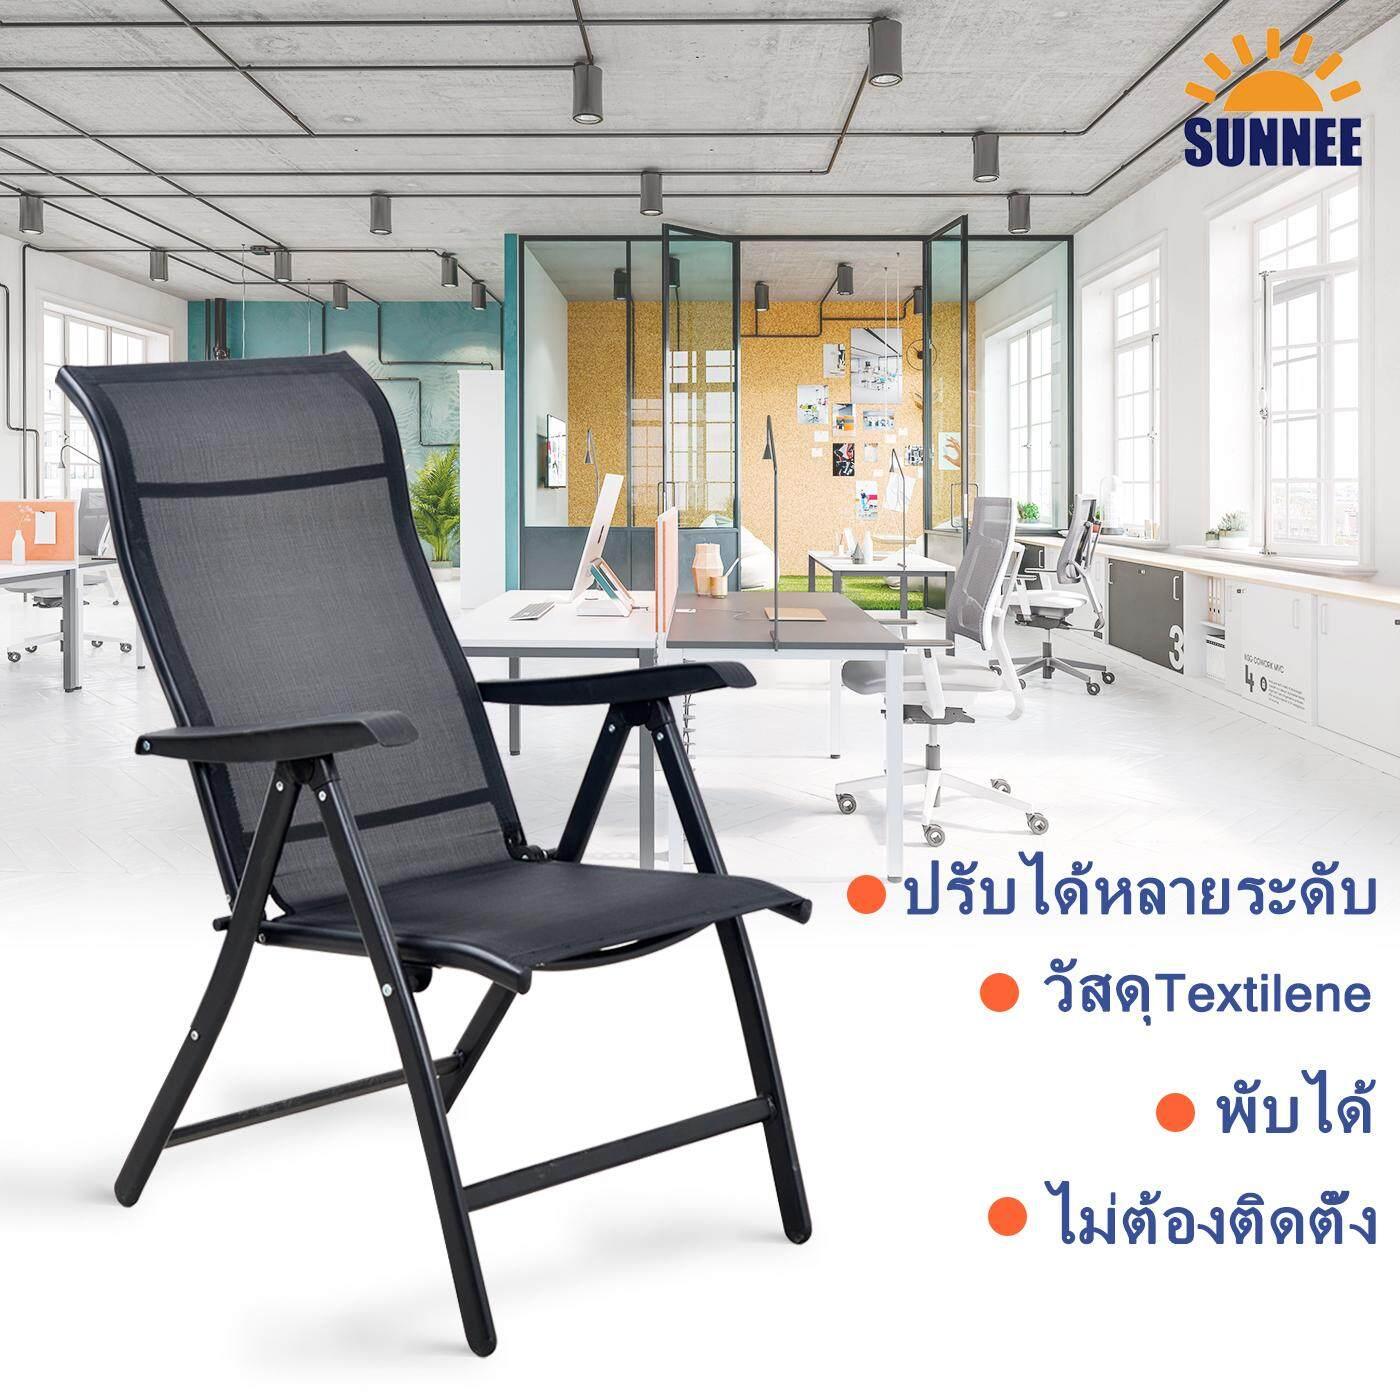 Sunnee สํานักงานเก้าอี้แบบพับเก็บได้ เก้าอี้พักเที่ยง เก้าอี้พักผ่อน เก้าอี้สันทนาการแบบพกพา  ราคาถูก.